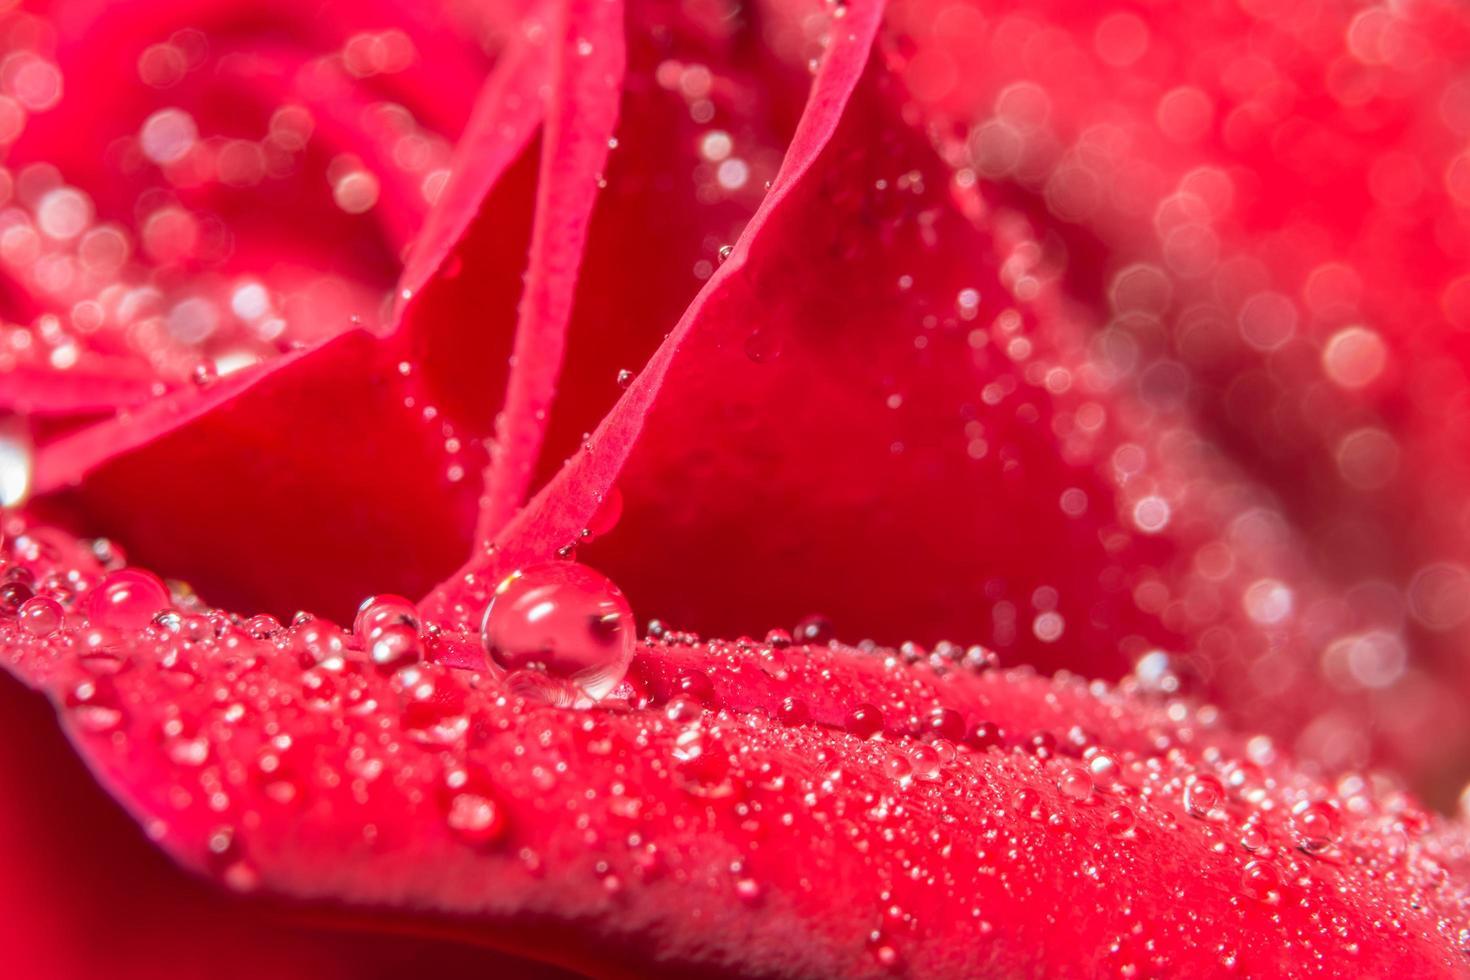 gocce d'acqua su una rosa rossa foto